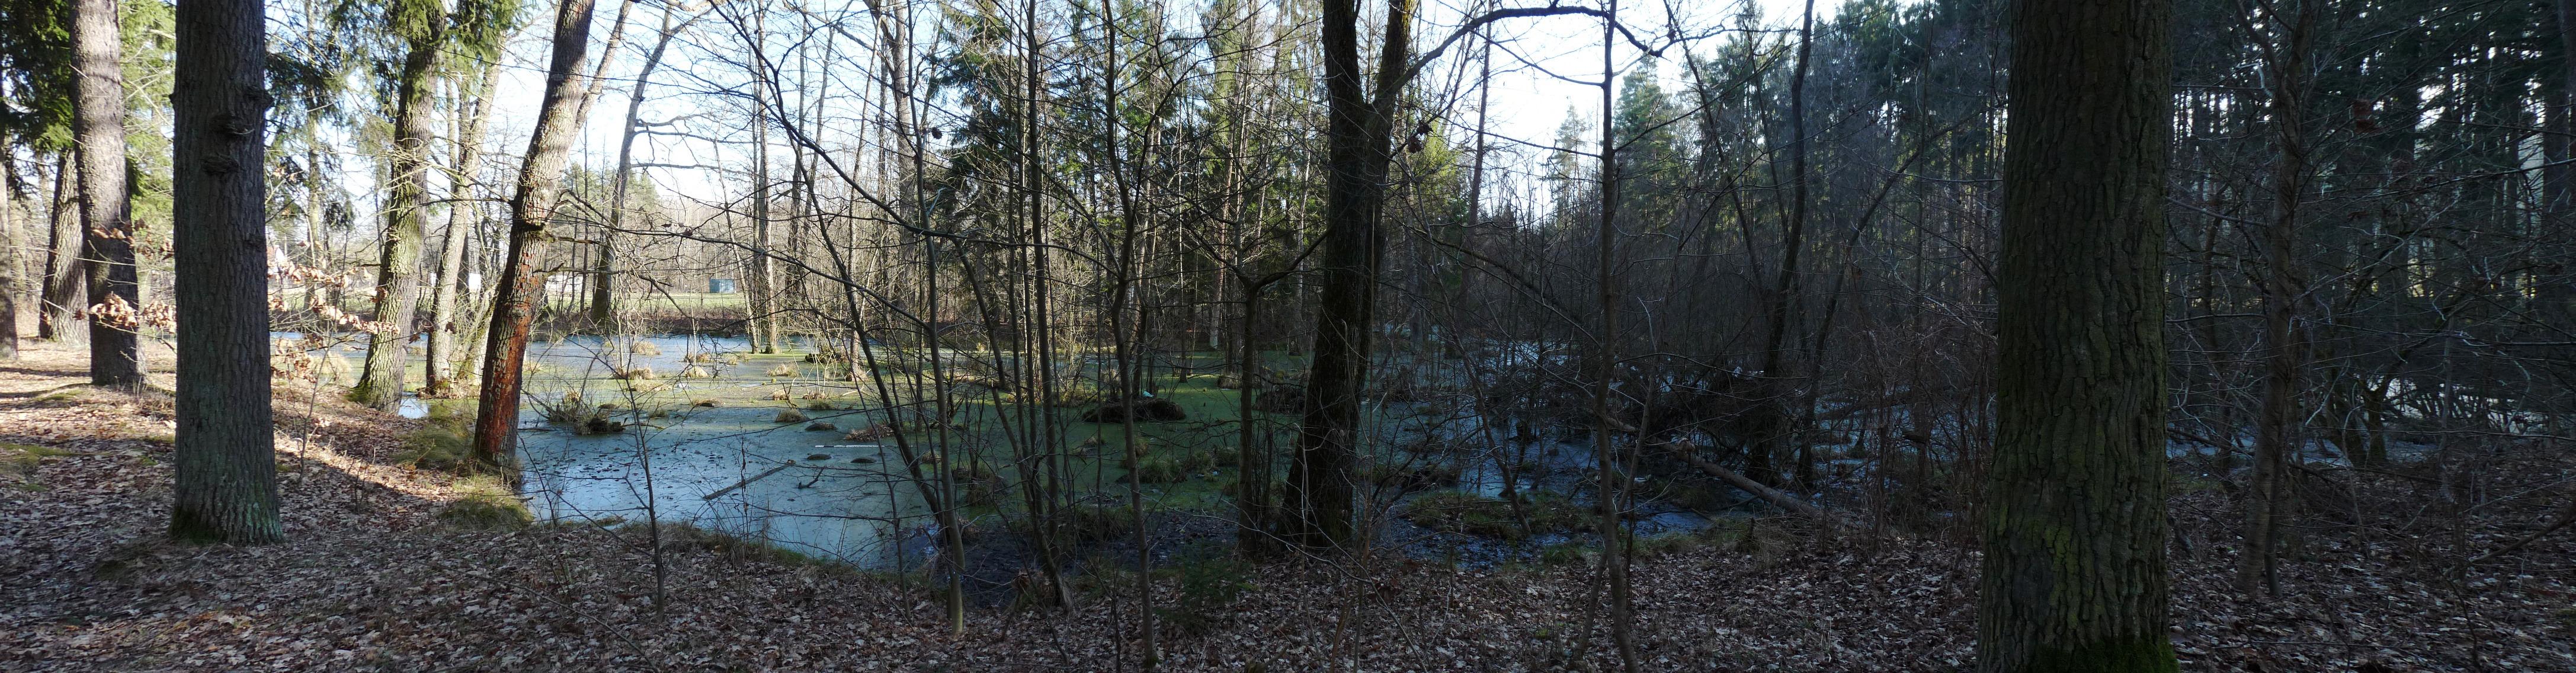 Branišovský les - mokřad